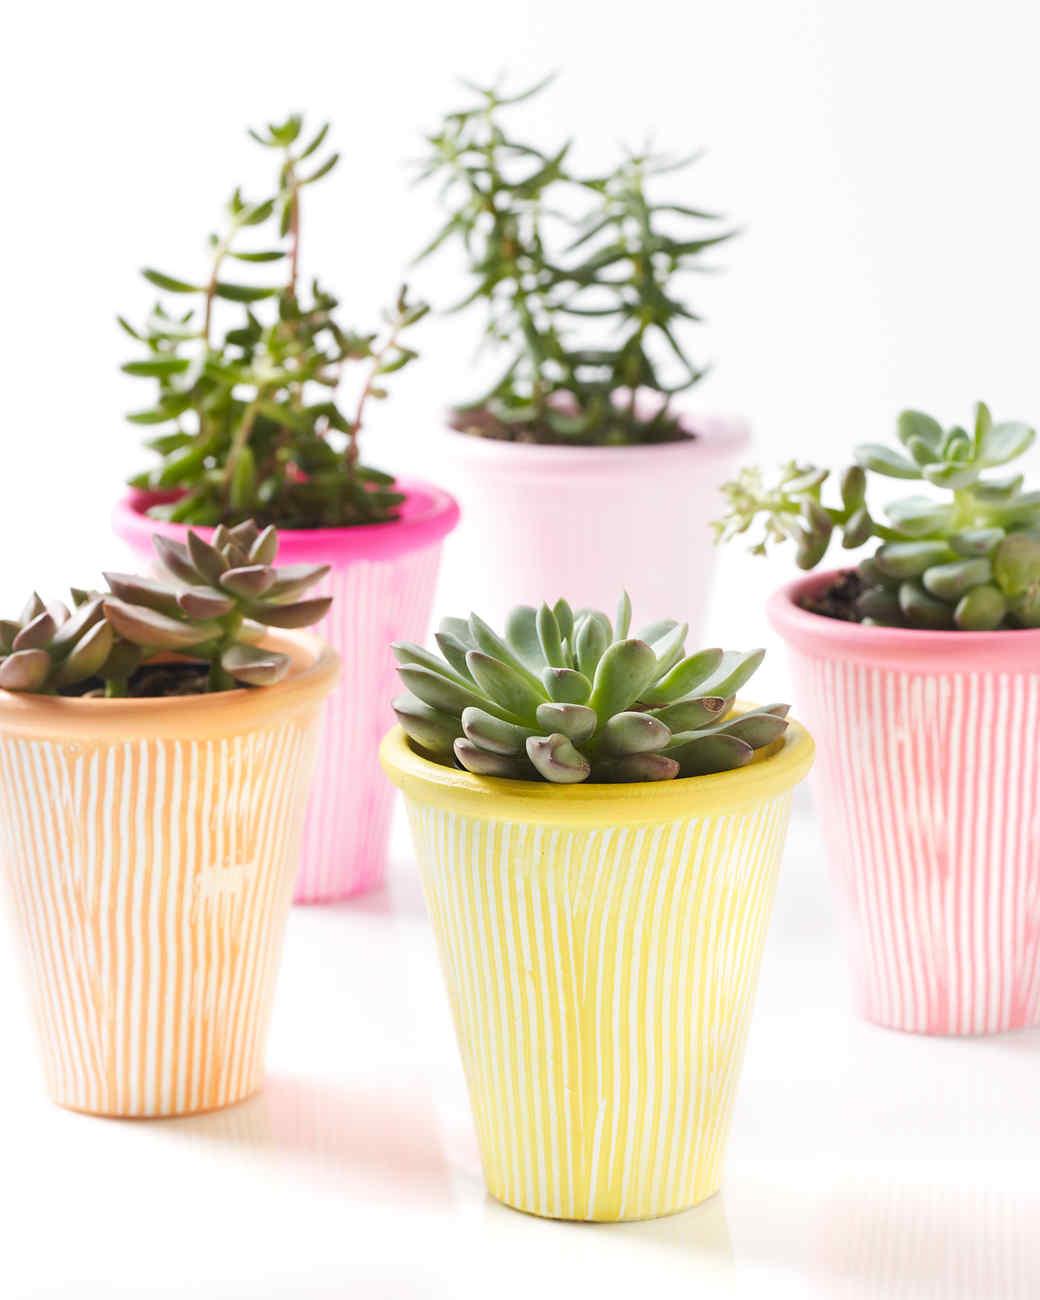 mscrafts-may-color-pots-mrkt-0414.jpg